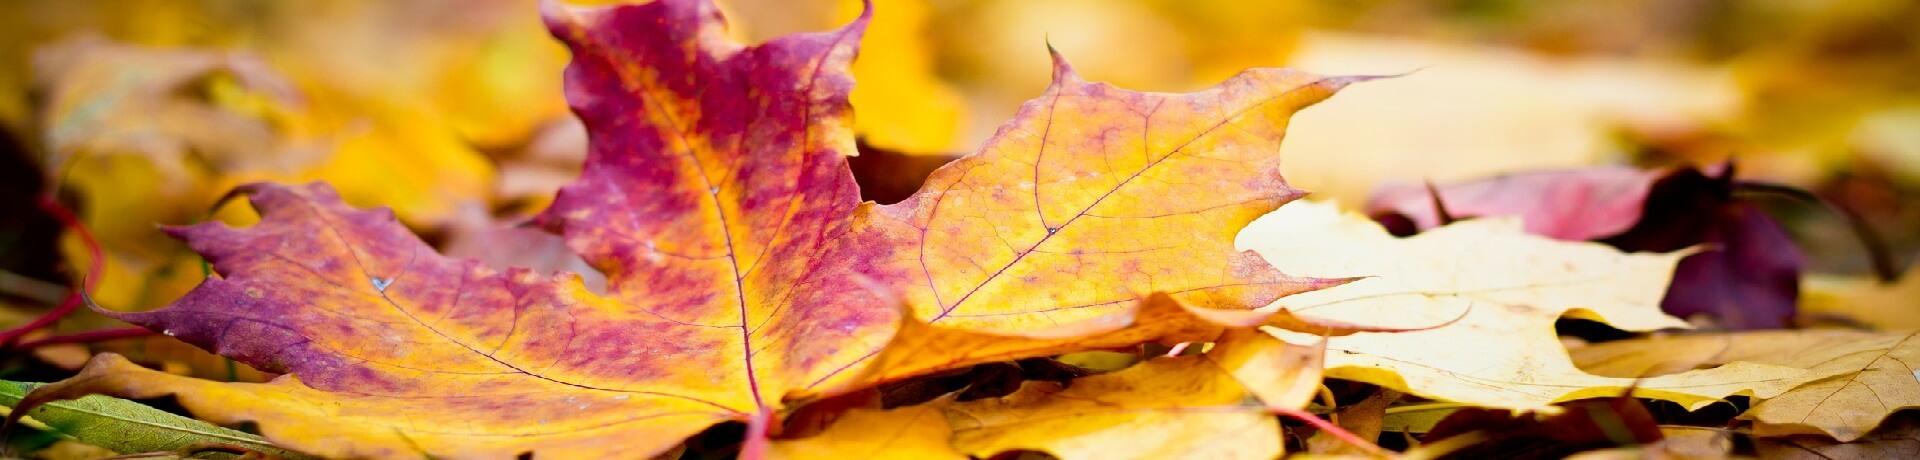 Velká nabídka podzimní dekorace.